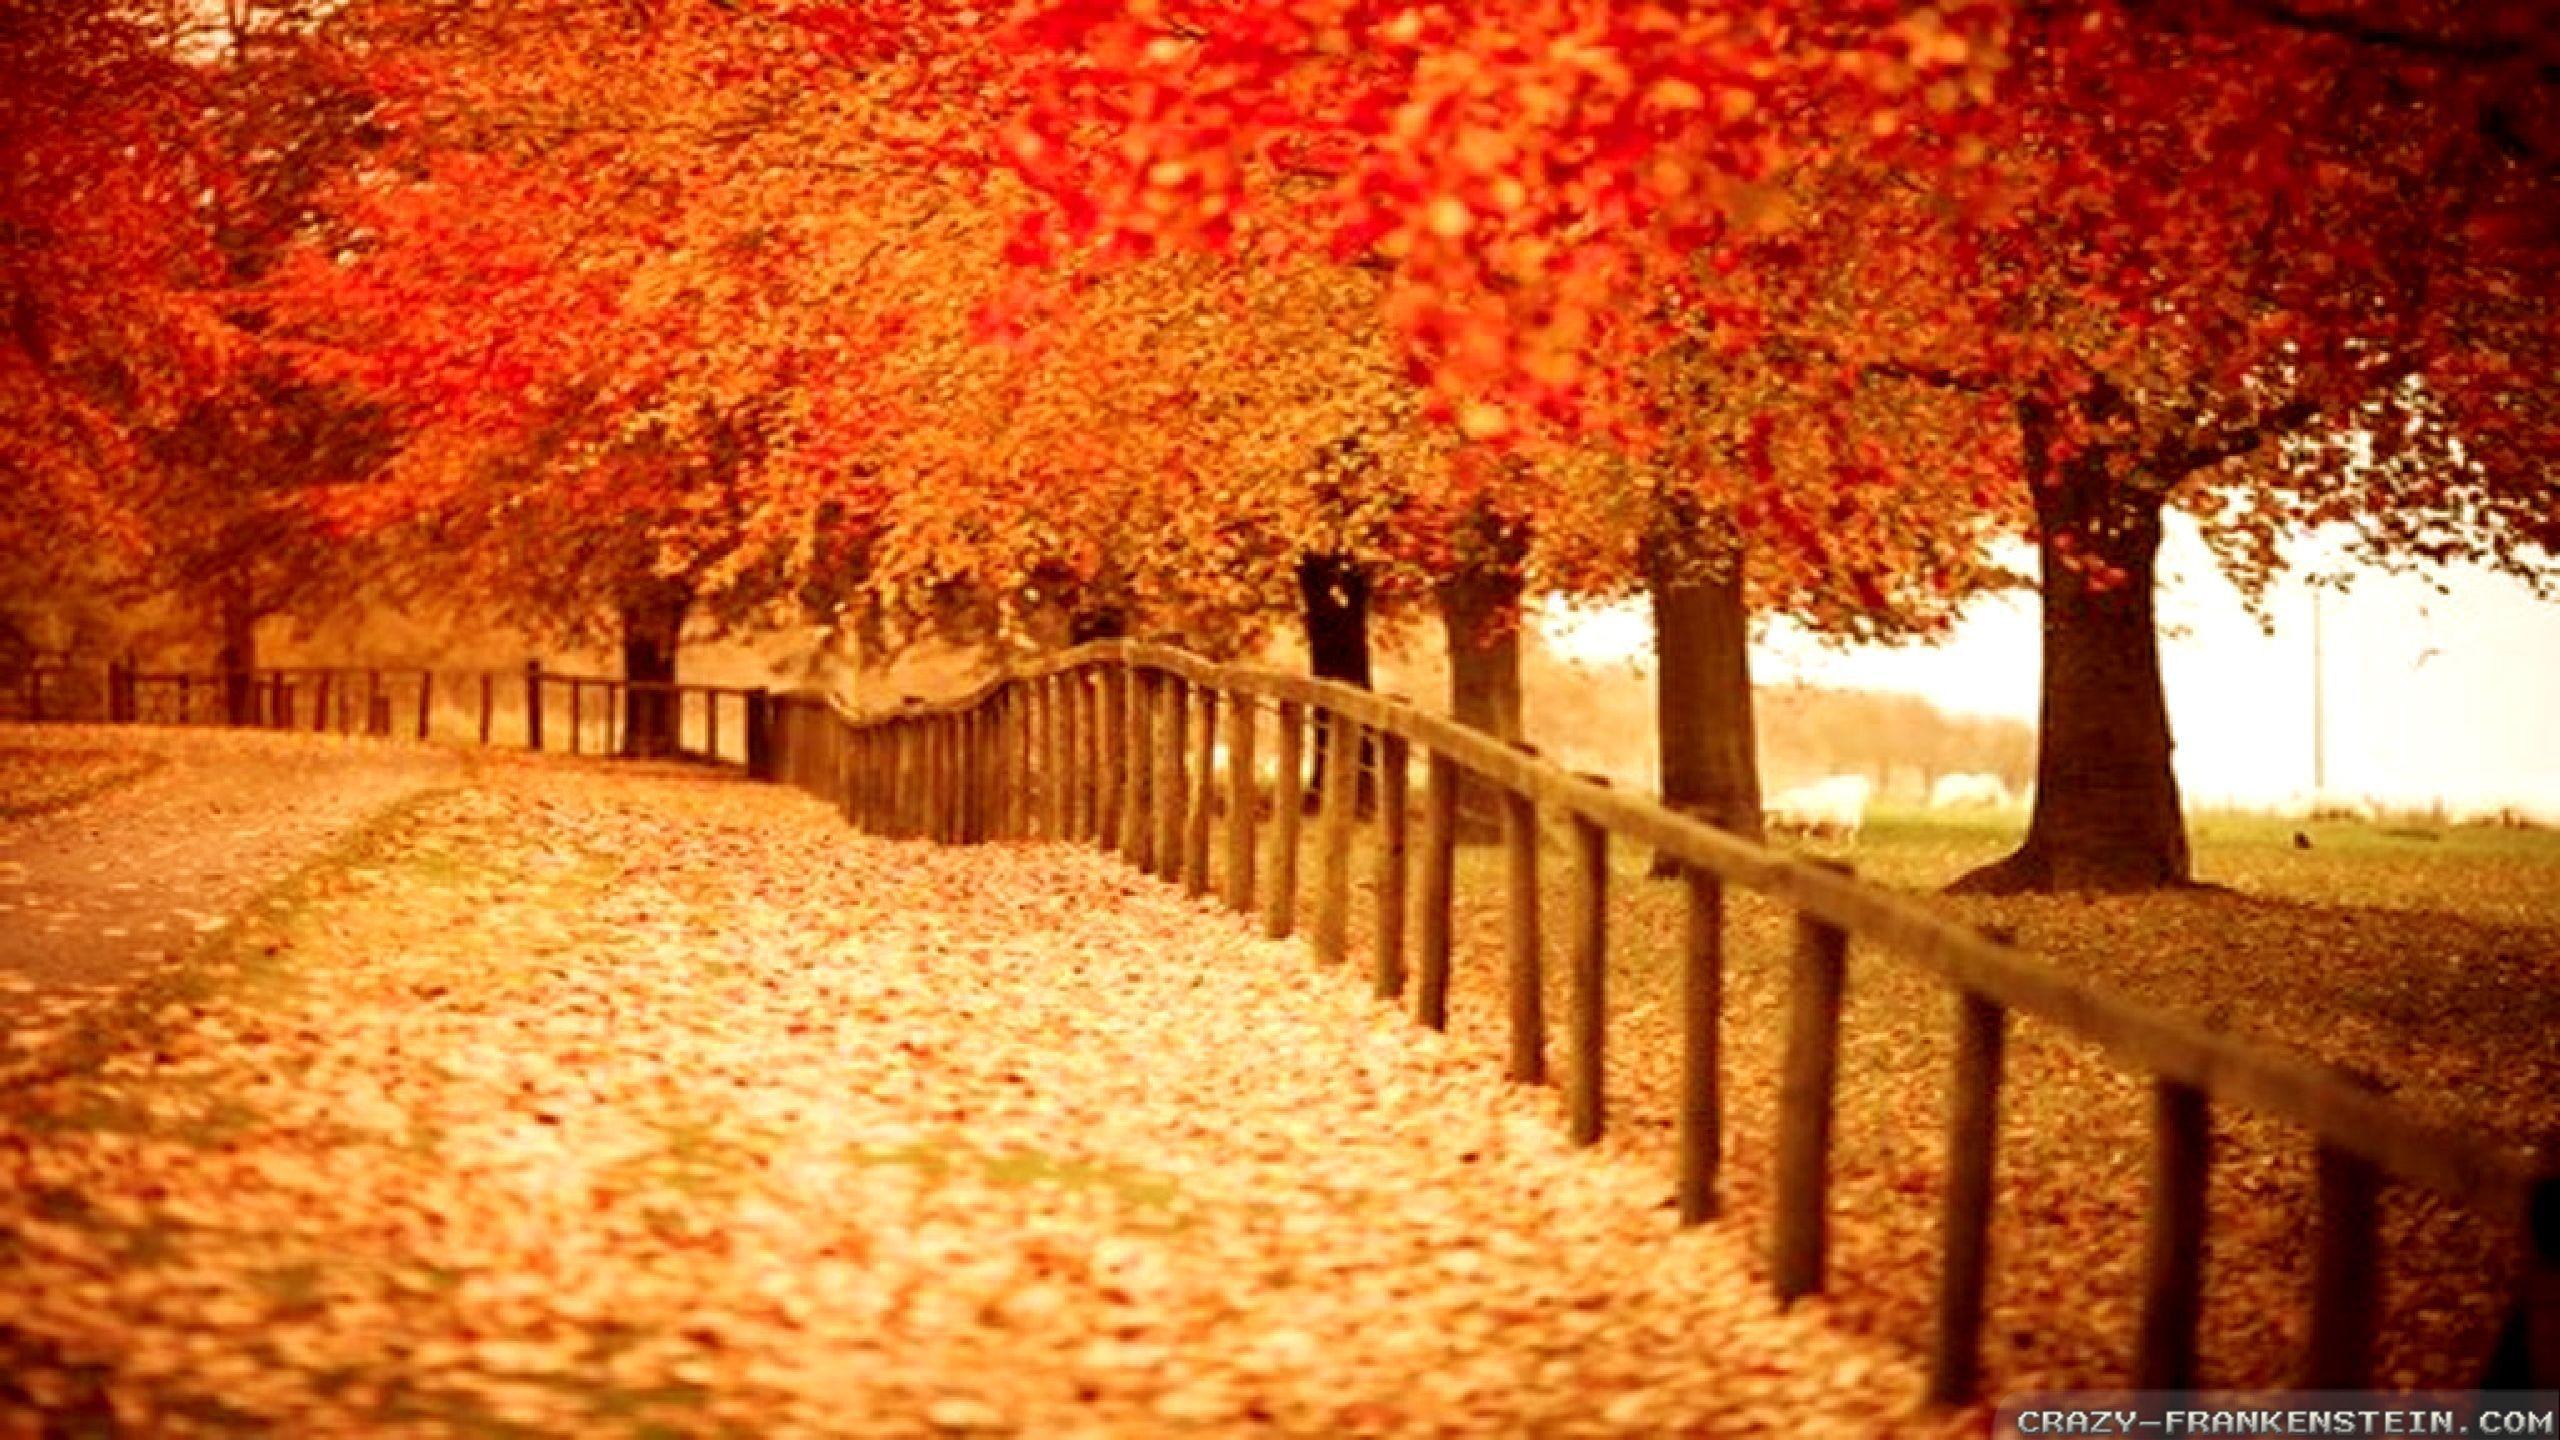 Fall Foliage Desktop Wallpaper 1280×1024 Fall Themed Desktop Backgrounds  (38 Wallpapers) |